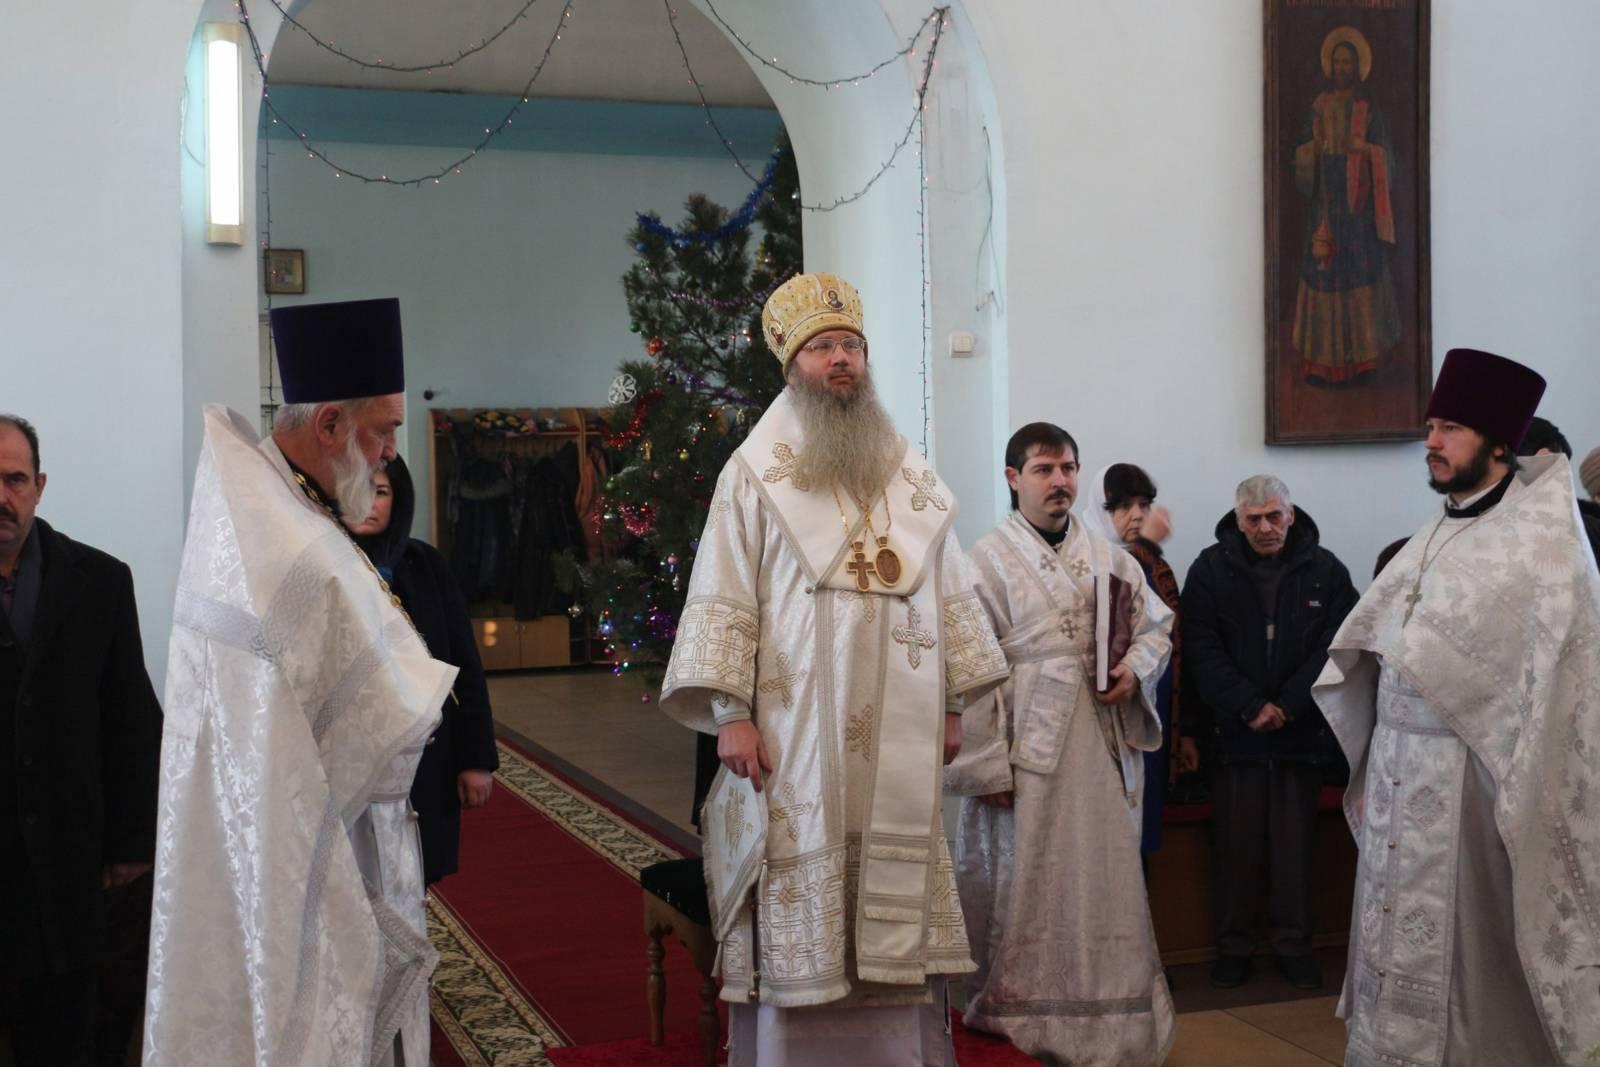 Божественная Литургия в храме Рождества Христова в с. Нижняя Добринка.